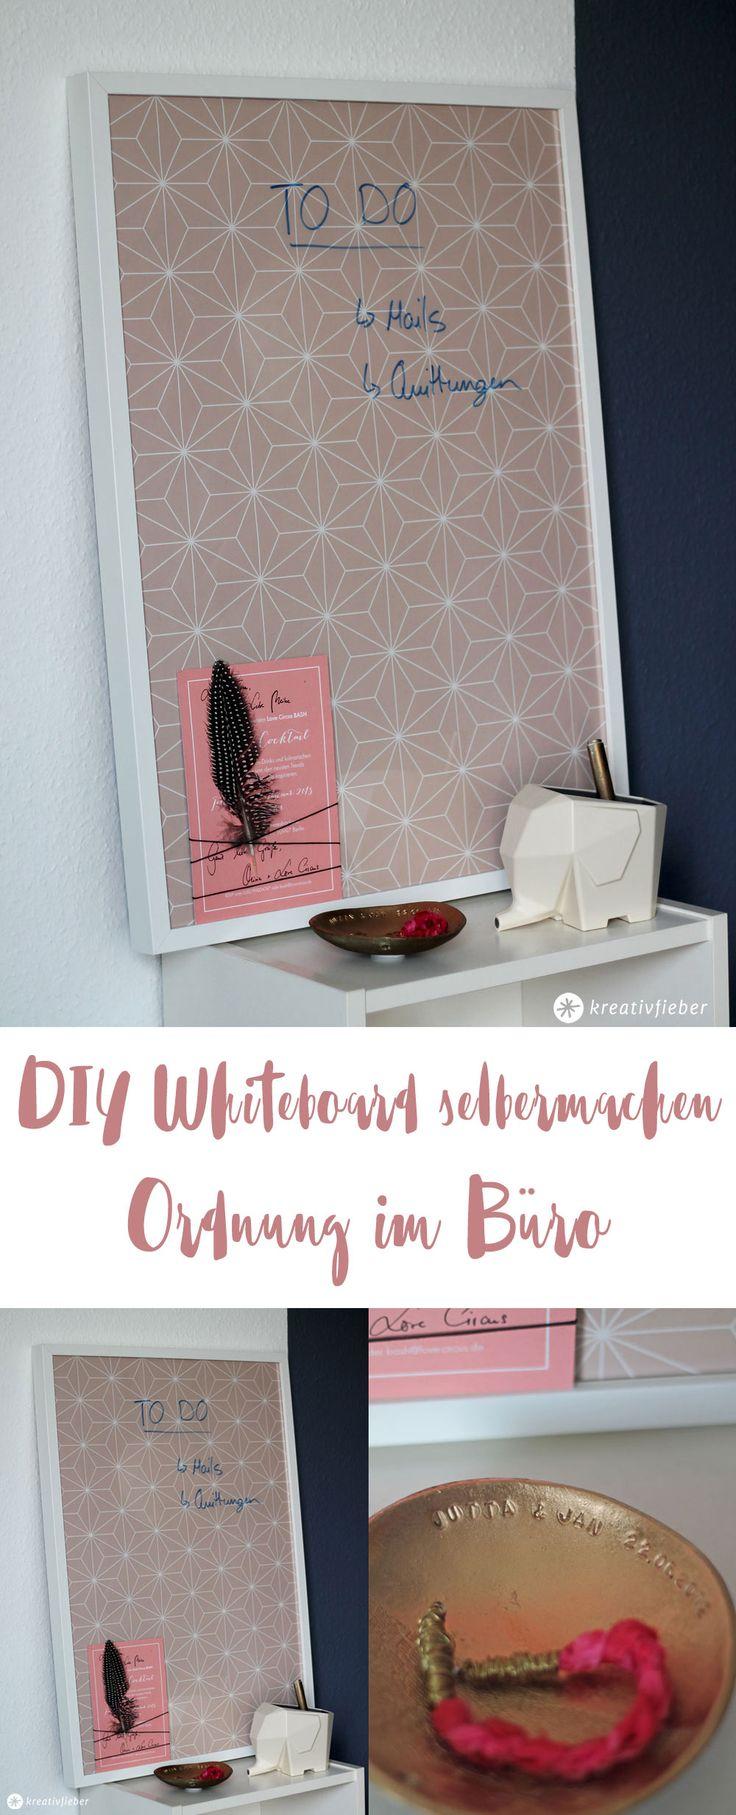 152 besten ordnungsliebe bilder auf pinterest bullet journal ordnung halten und organisation. Black Bedroom Furniture Sets. Home Design Ideas